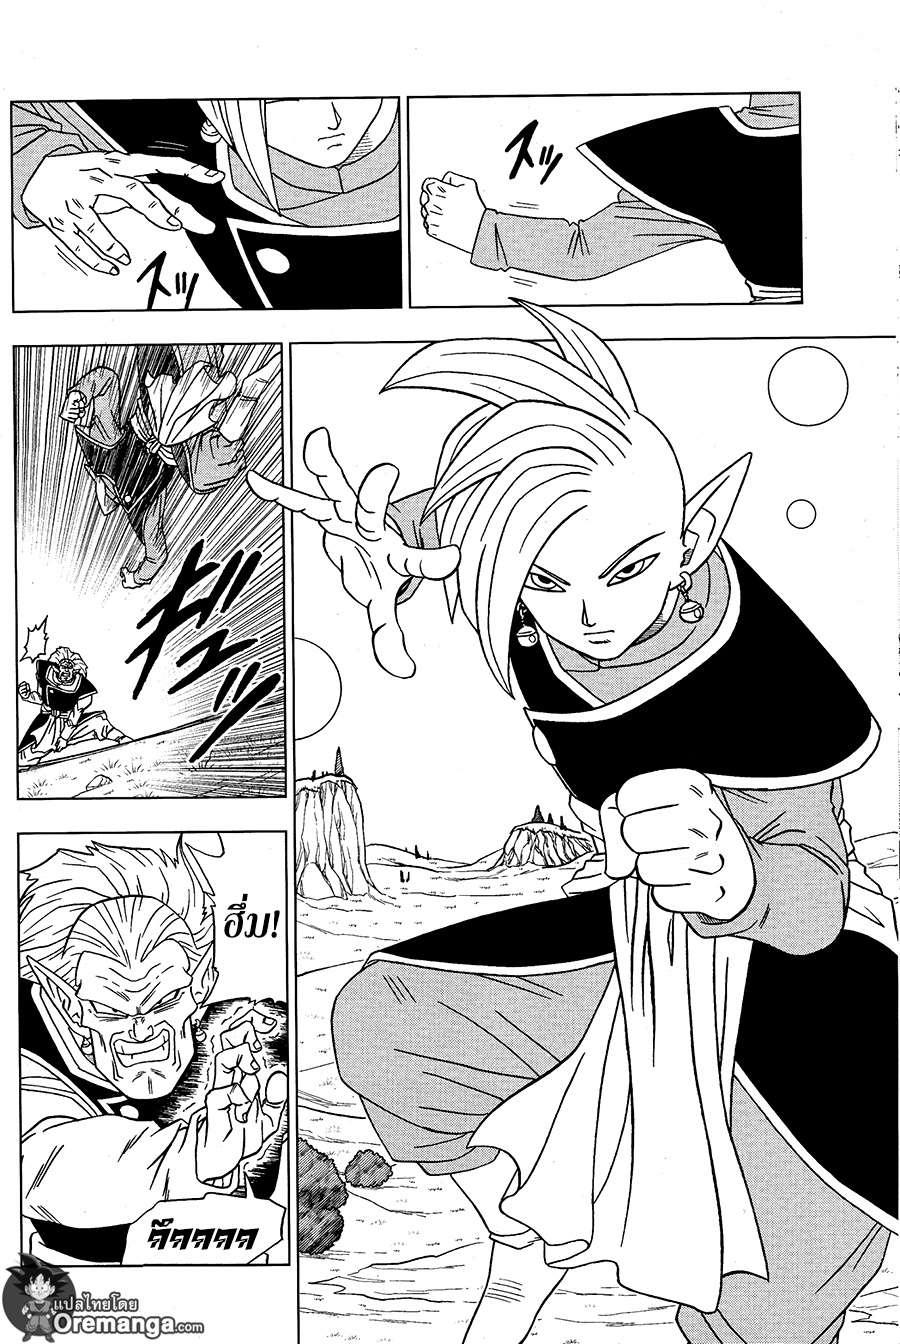 อ่านการ์ตูน Dragonball Super ตอนที่ 16 หน้าที่ 28